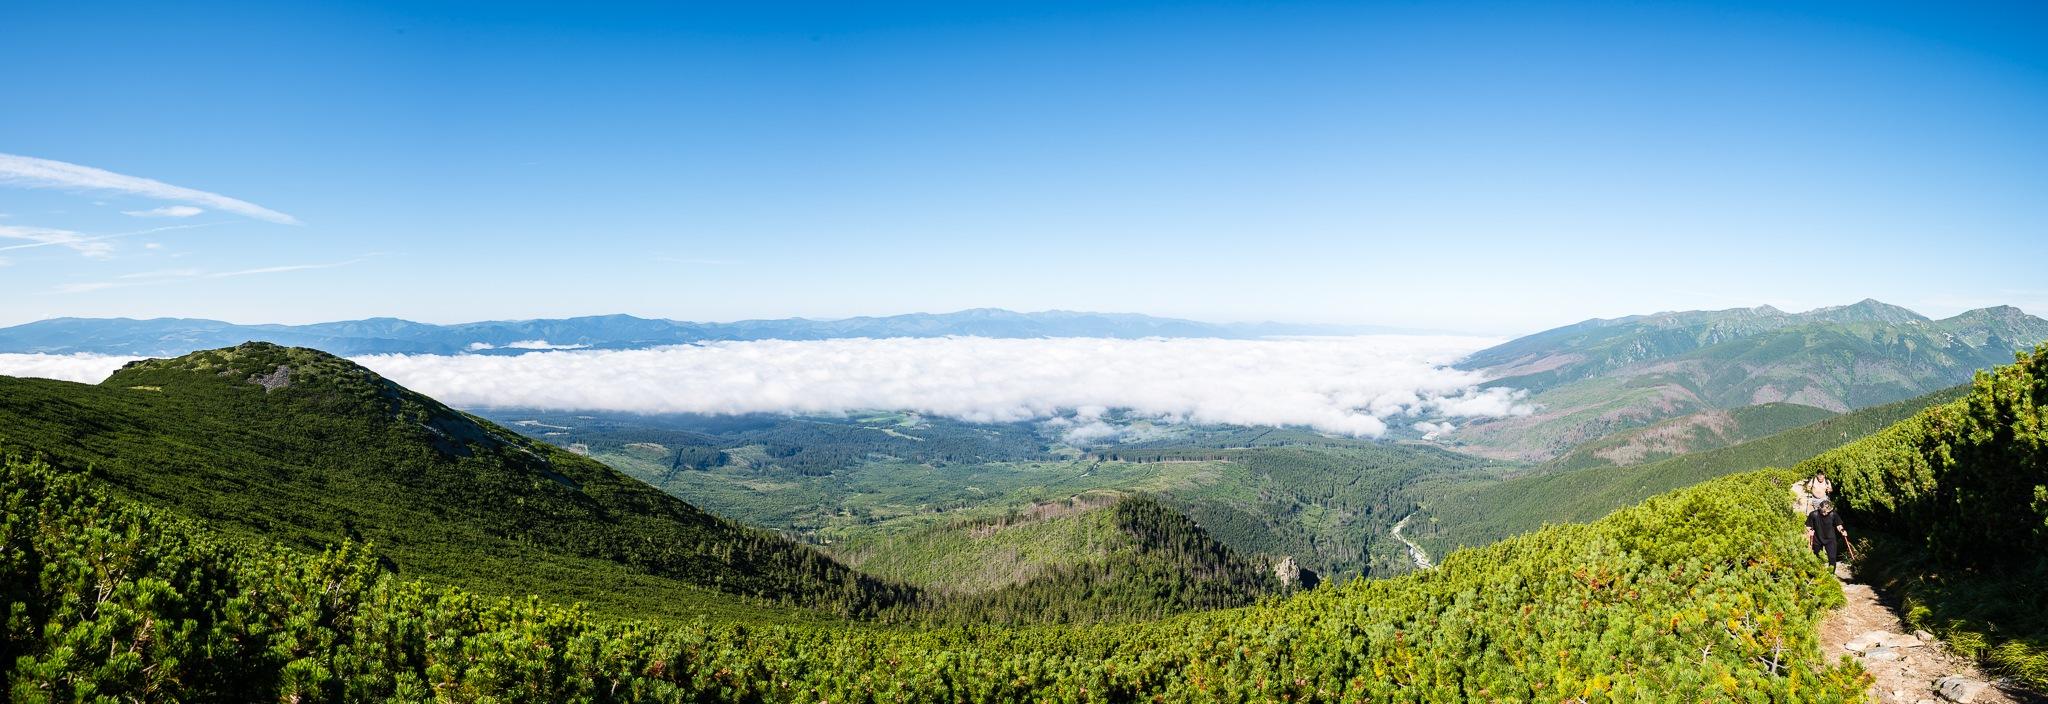 Panoramic view of Tatra mountains, Krivaņ by martinsvanags